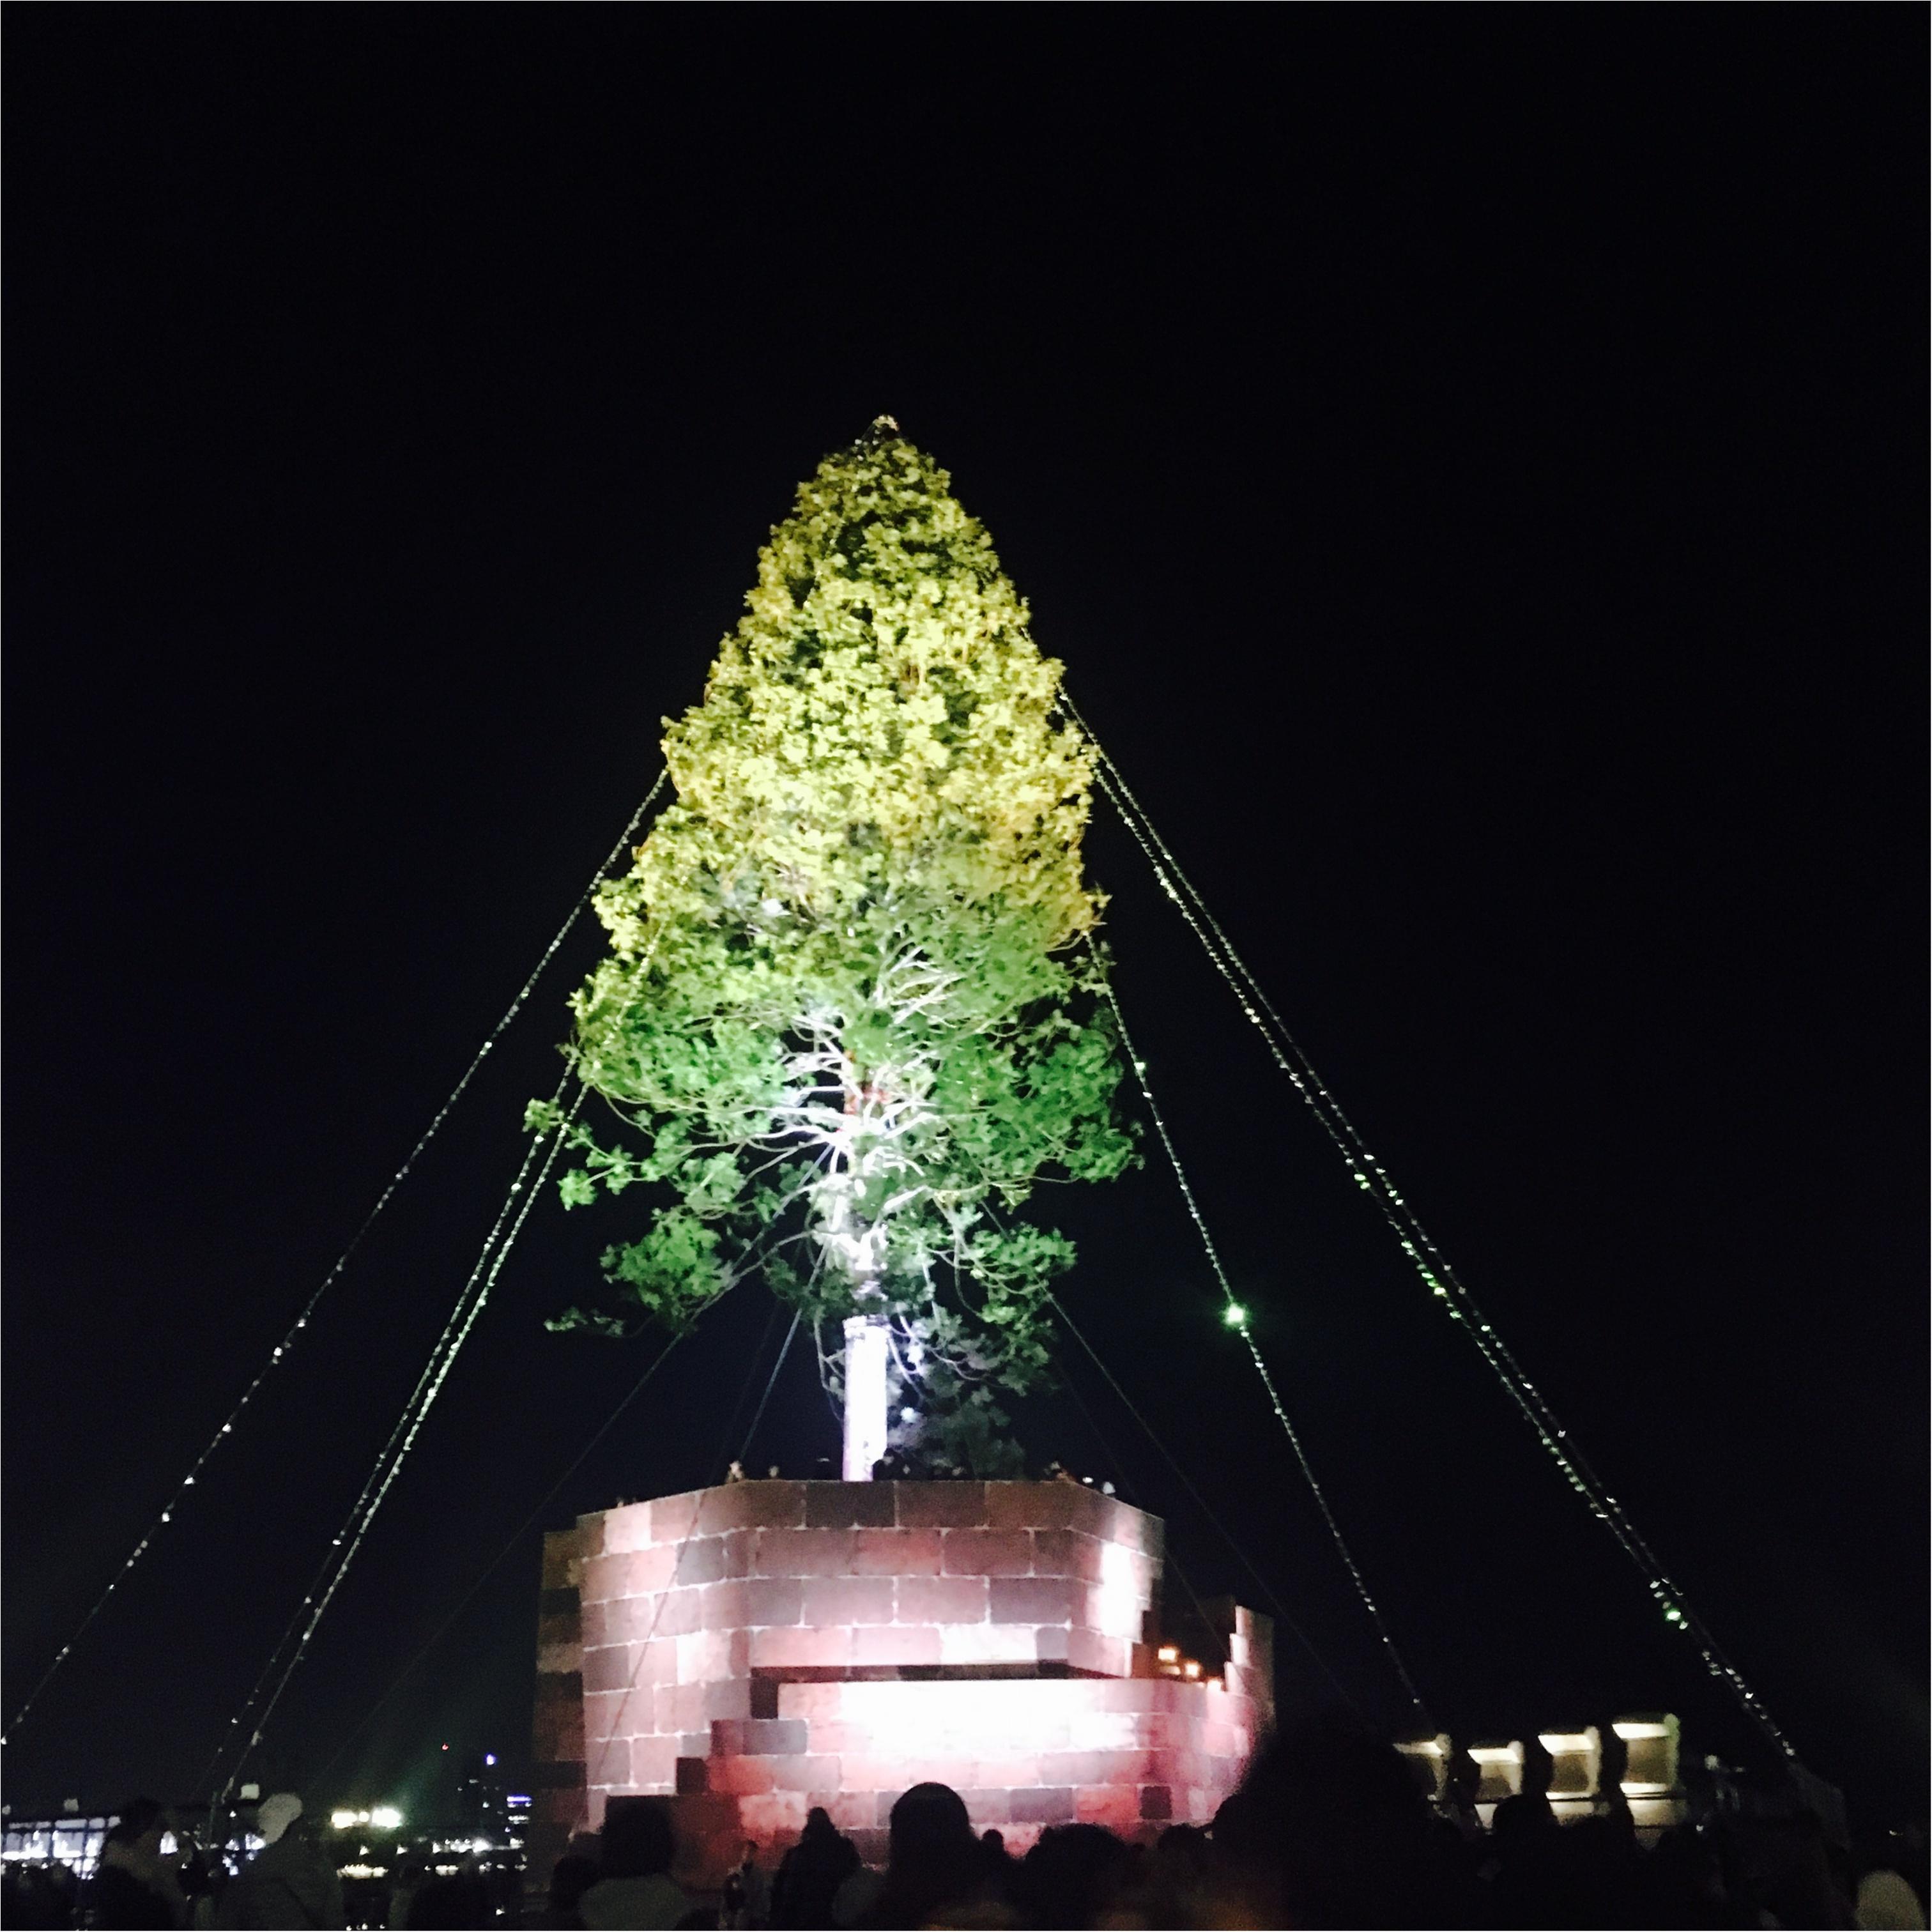 【神戸】で≪世界一高いクリスマスツリー≫が見れちゃうスポット!とってもオススメです!_6